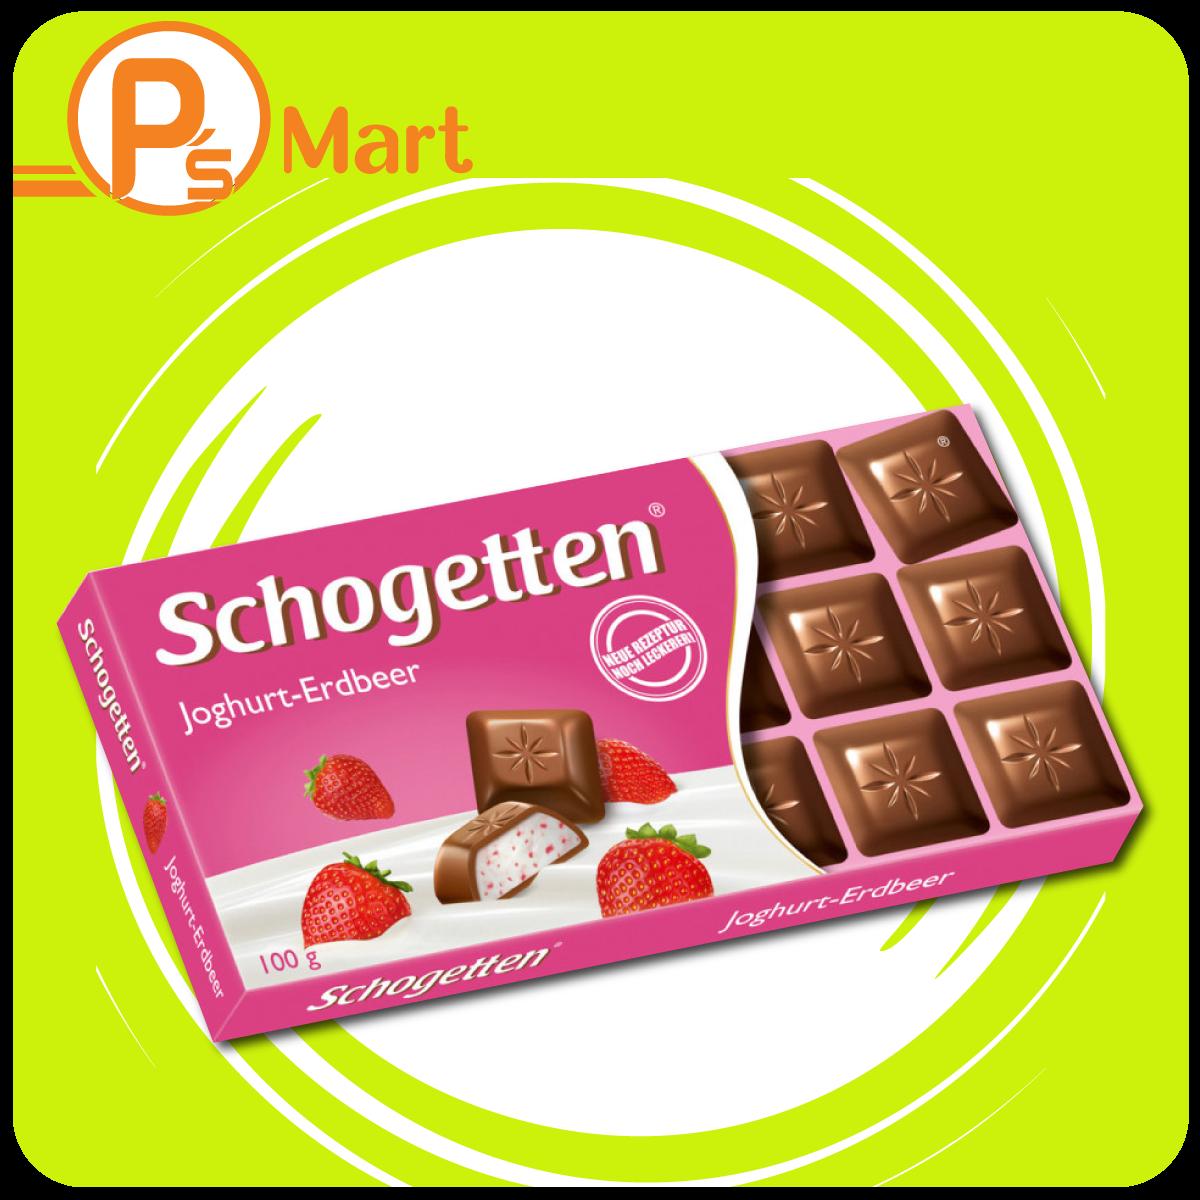 Chocolate Schogetten Yoghurt Strawberry 100 g